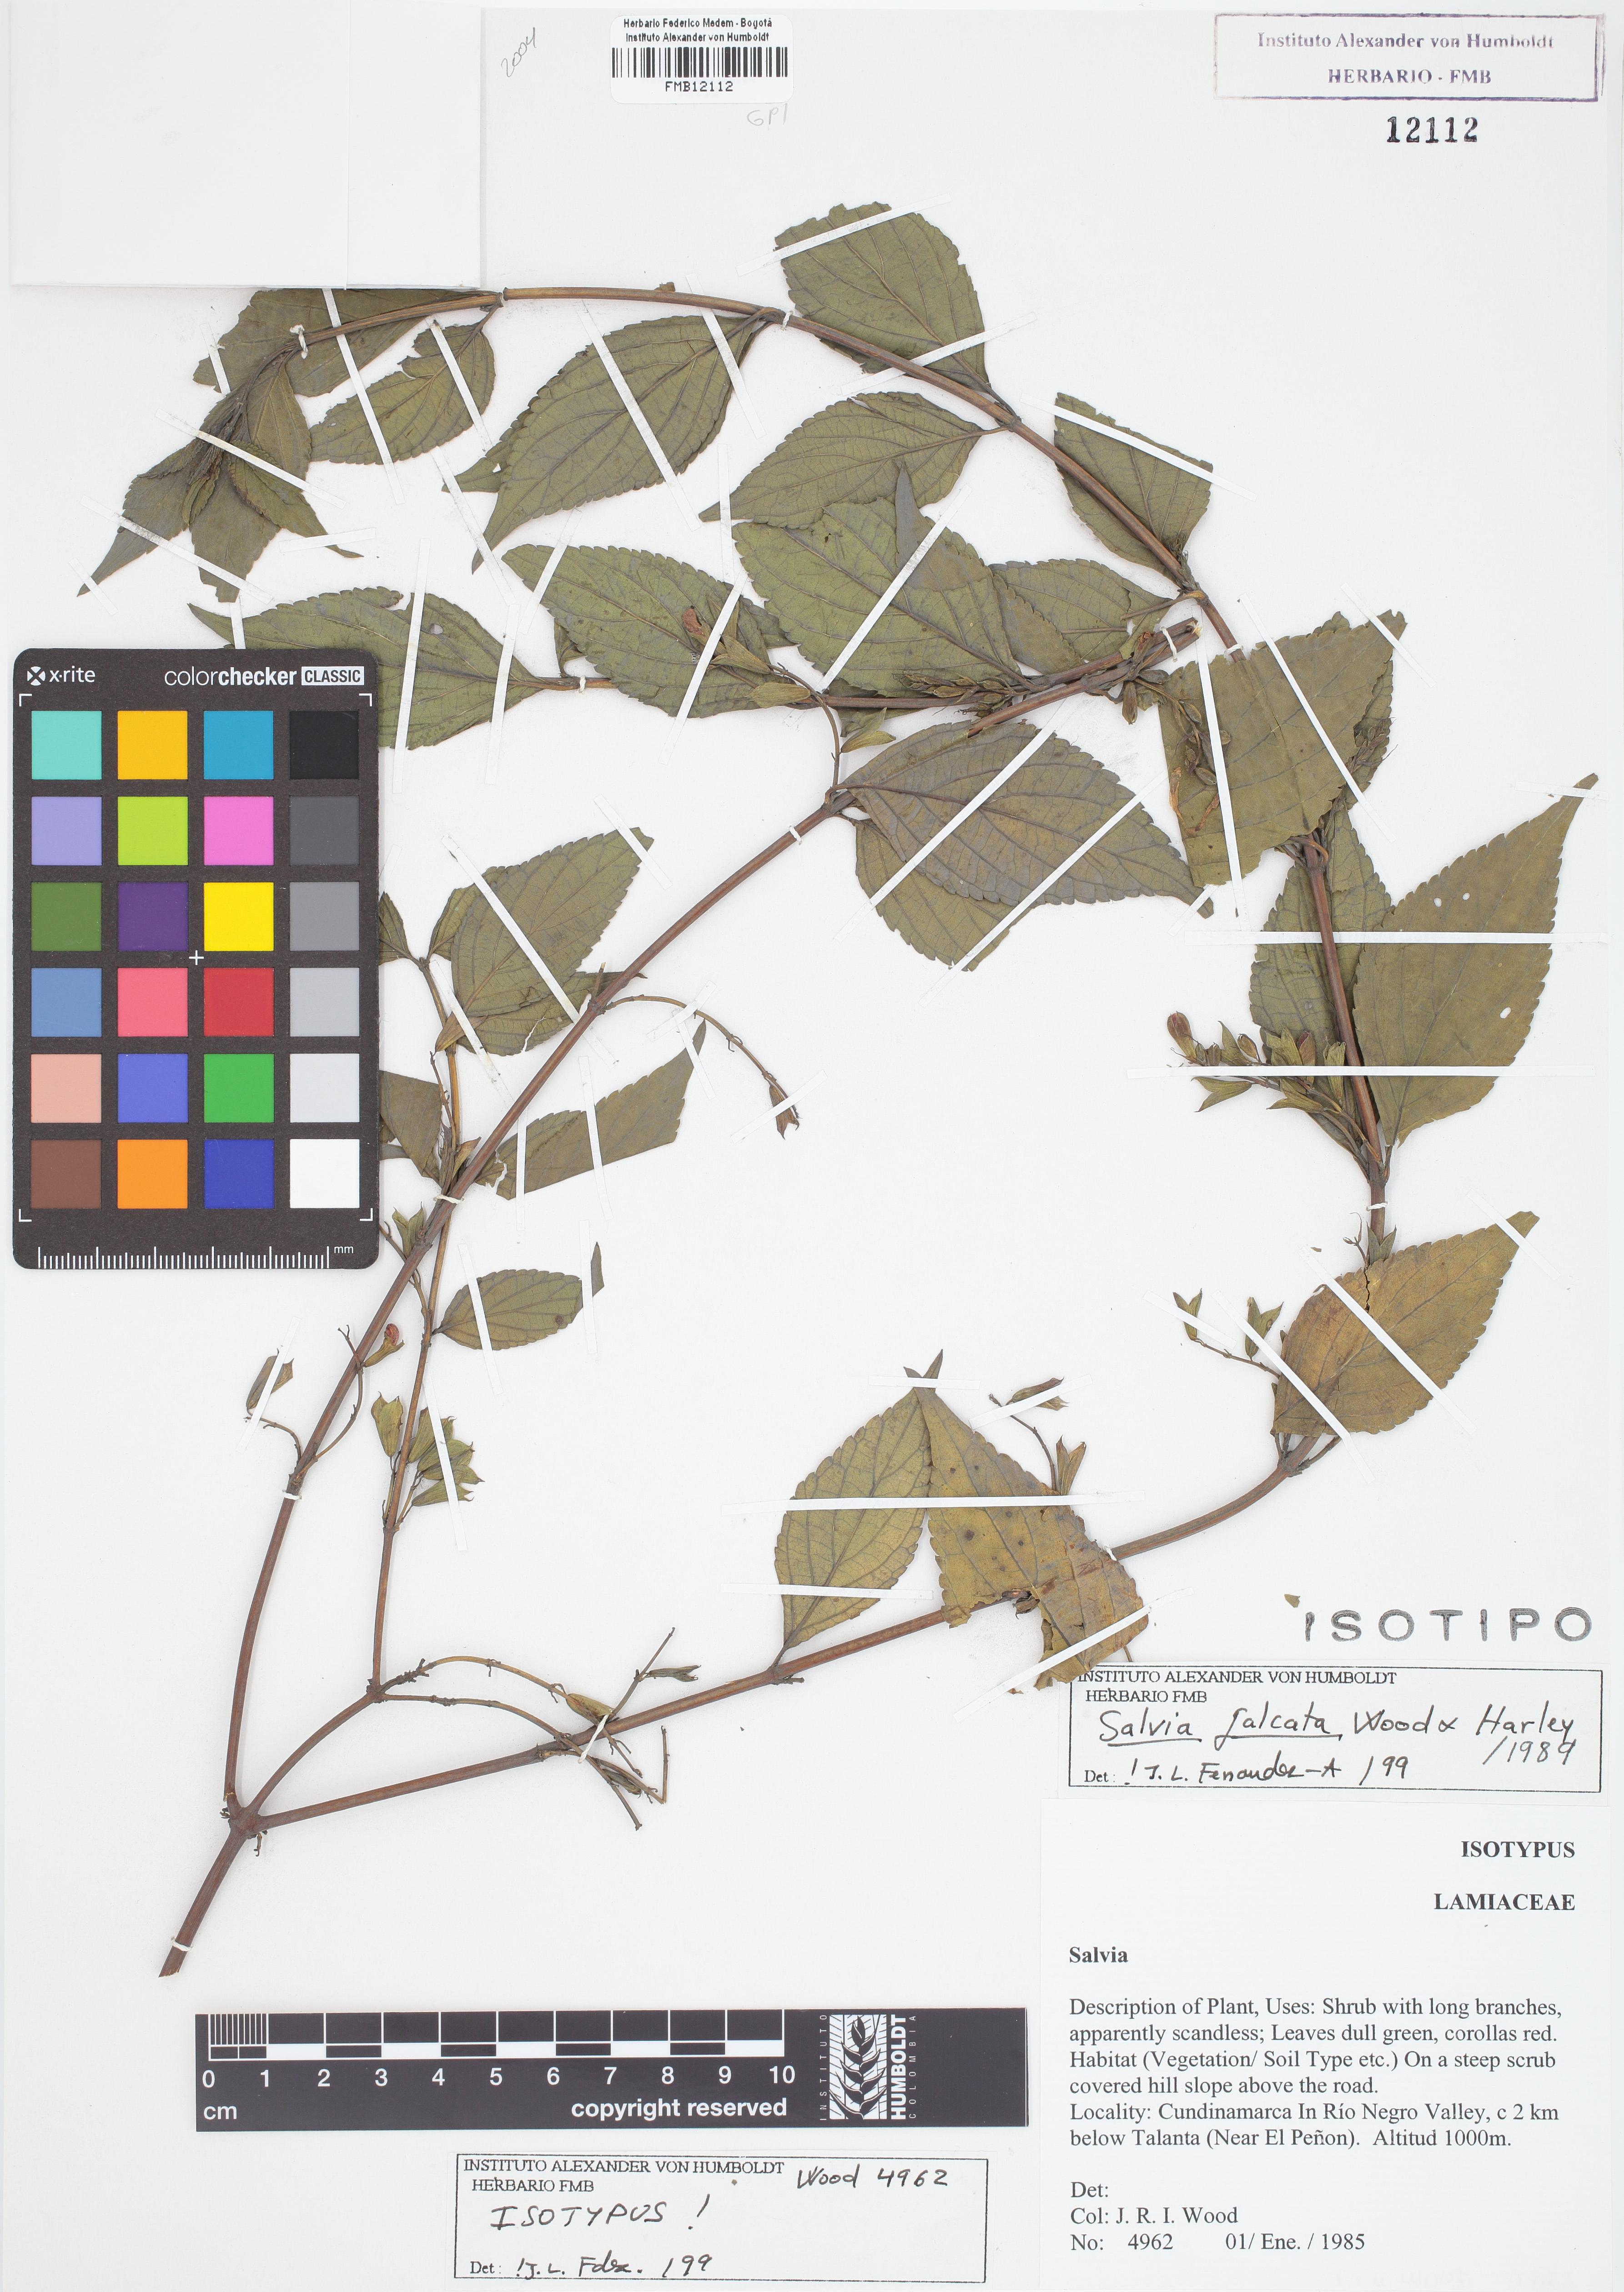 Isotipo de <em>Salvia falcata</em>, FMB-12112, Fotografía por Robles A.